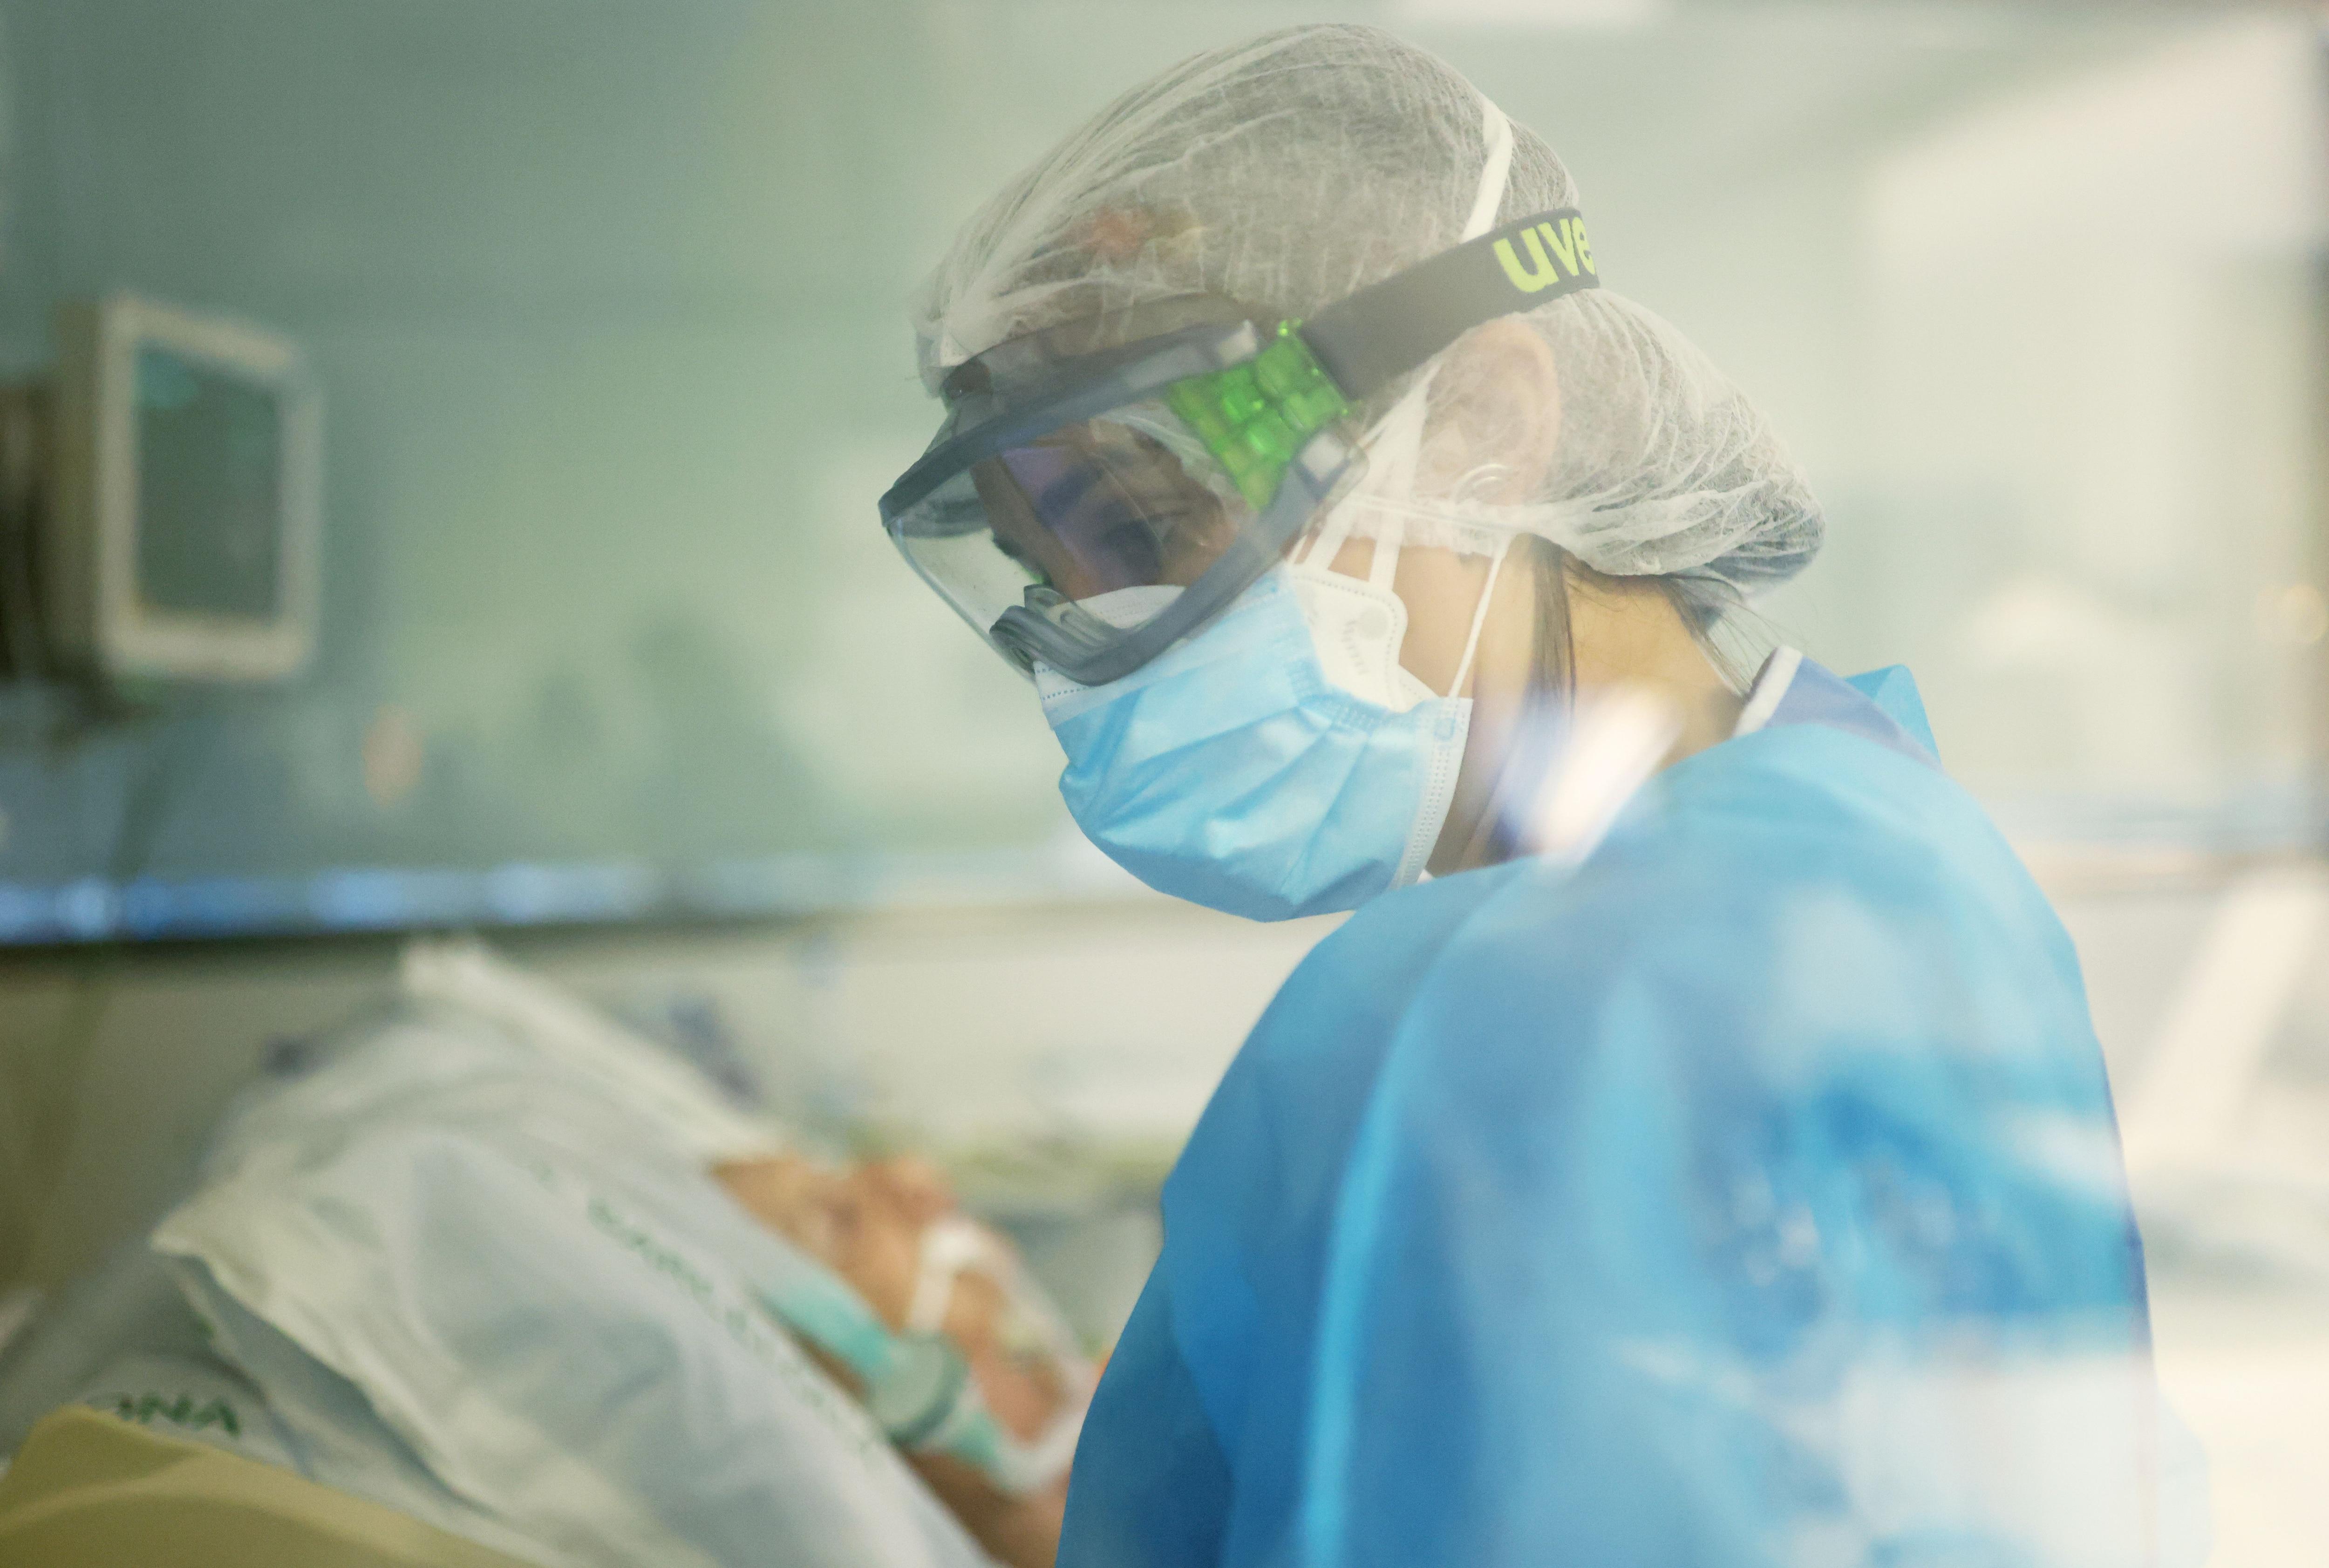 Hubo brotes aislados de diversas infecciones resistentes a los medicamentos en distintos rincones de Estados Unidos, así como en India, Italia, Perú y Francia REUTERS/Nacho Doce